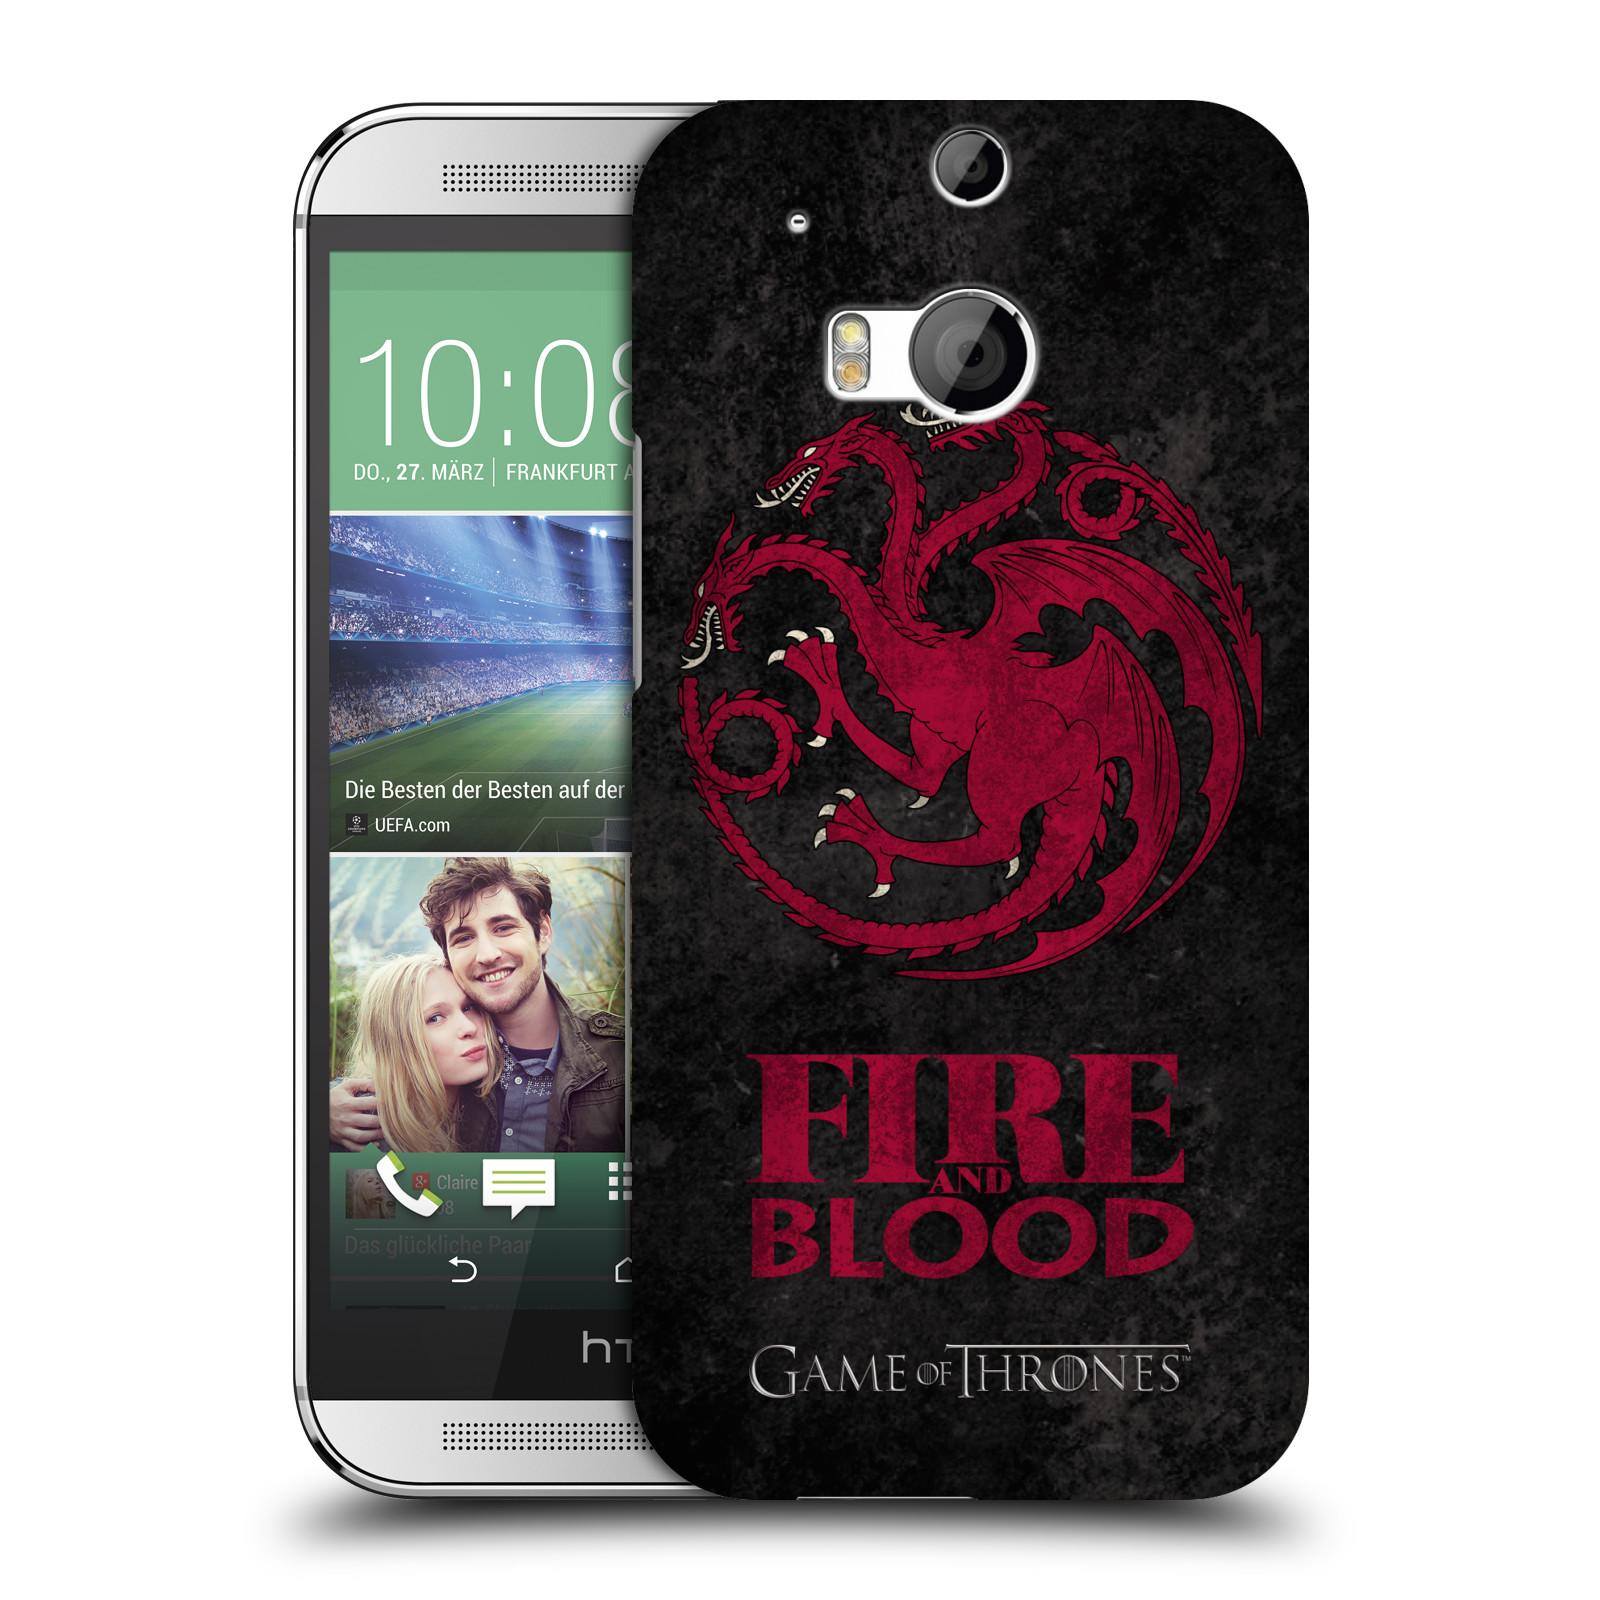 Plastové pouzdro na mobil HTC ONE M8 HEAD CASE Hra o trůny - Sigils Targaryen - Fire and Blood (Plastový kryt či obal na mobilní telefon s licencovaným motivem Hra o trůny - Game Of Thrones pro HTC ONE M8)